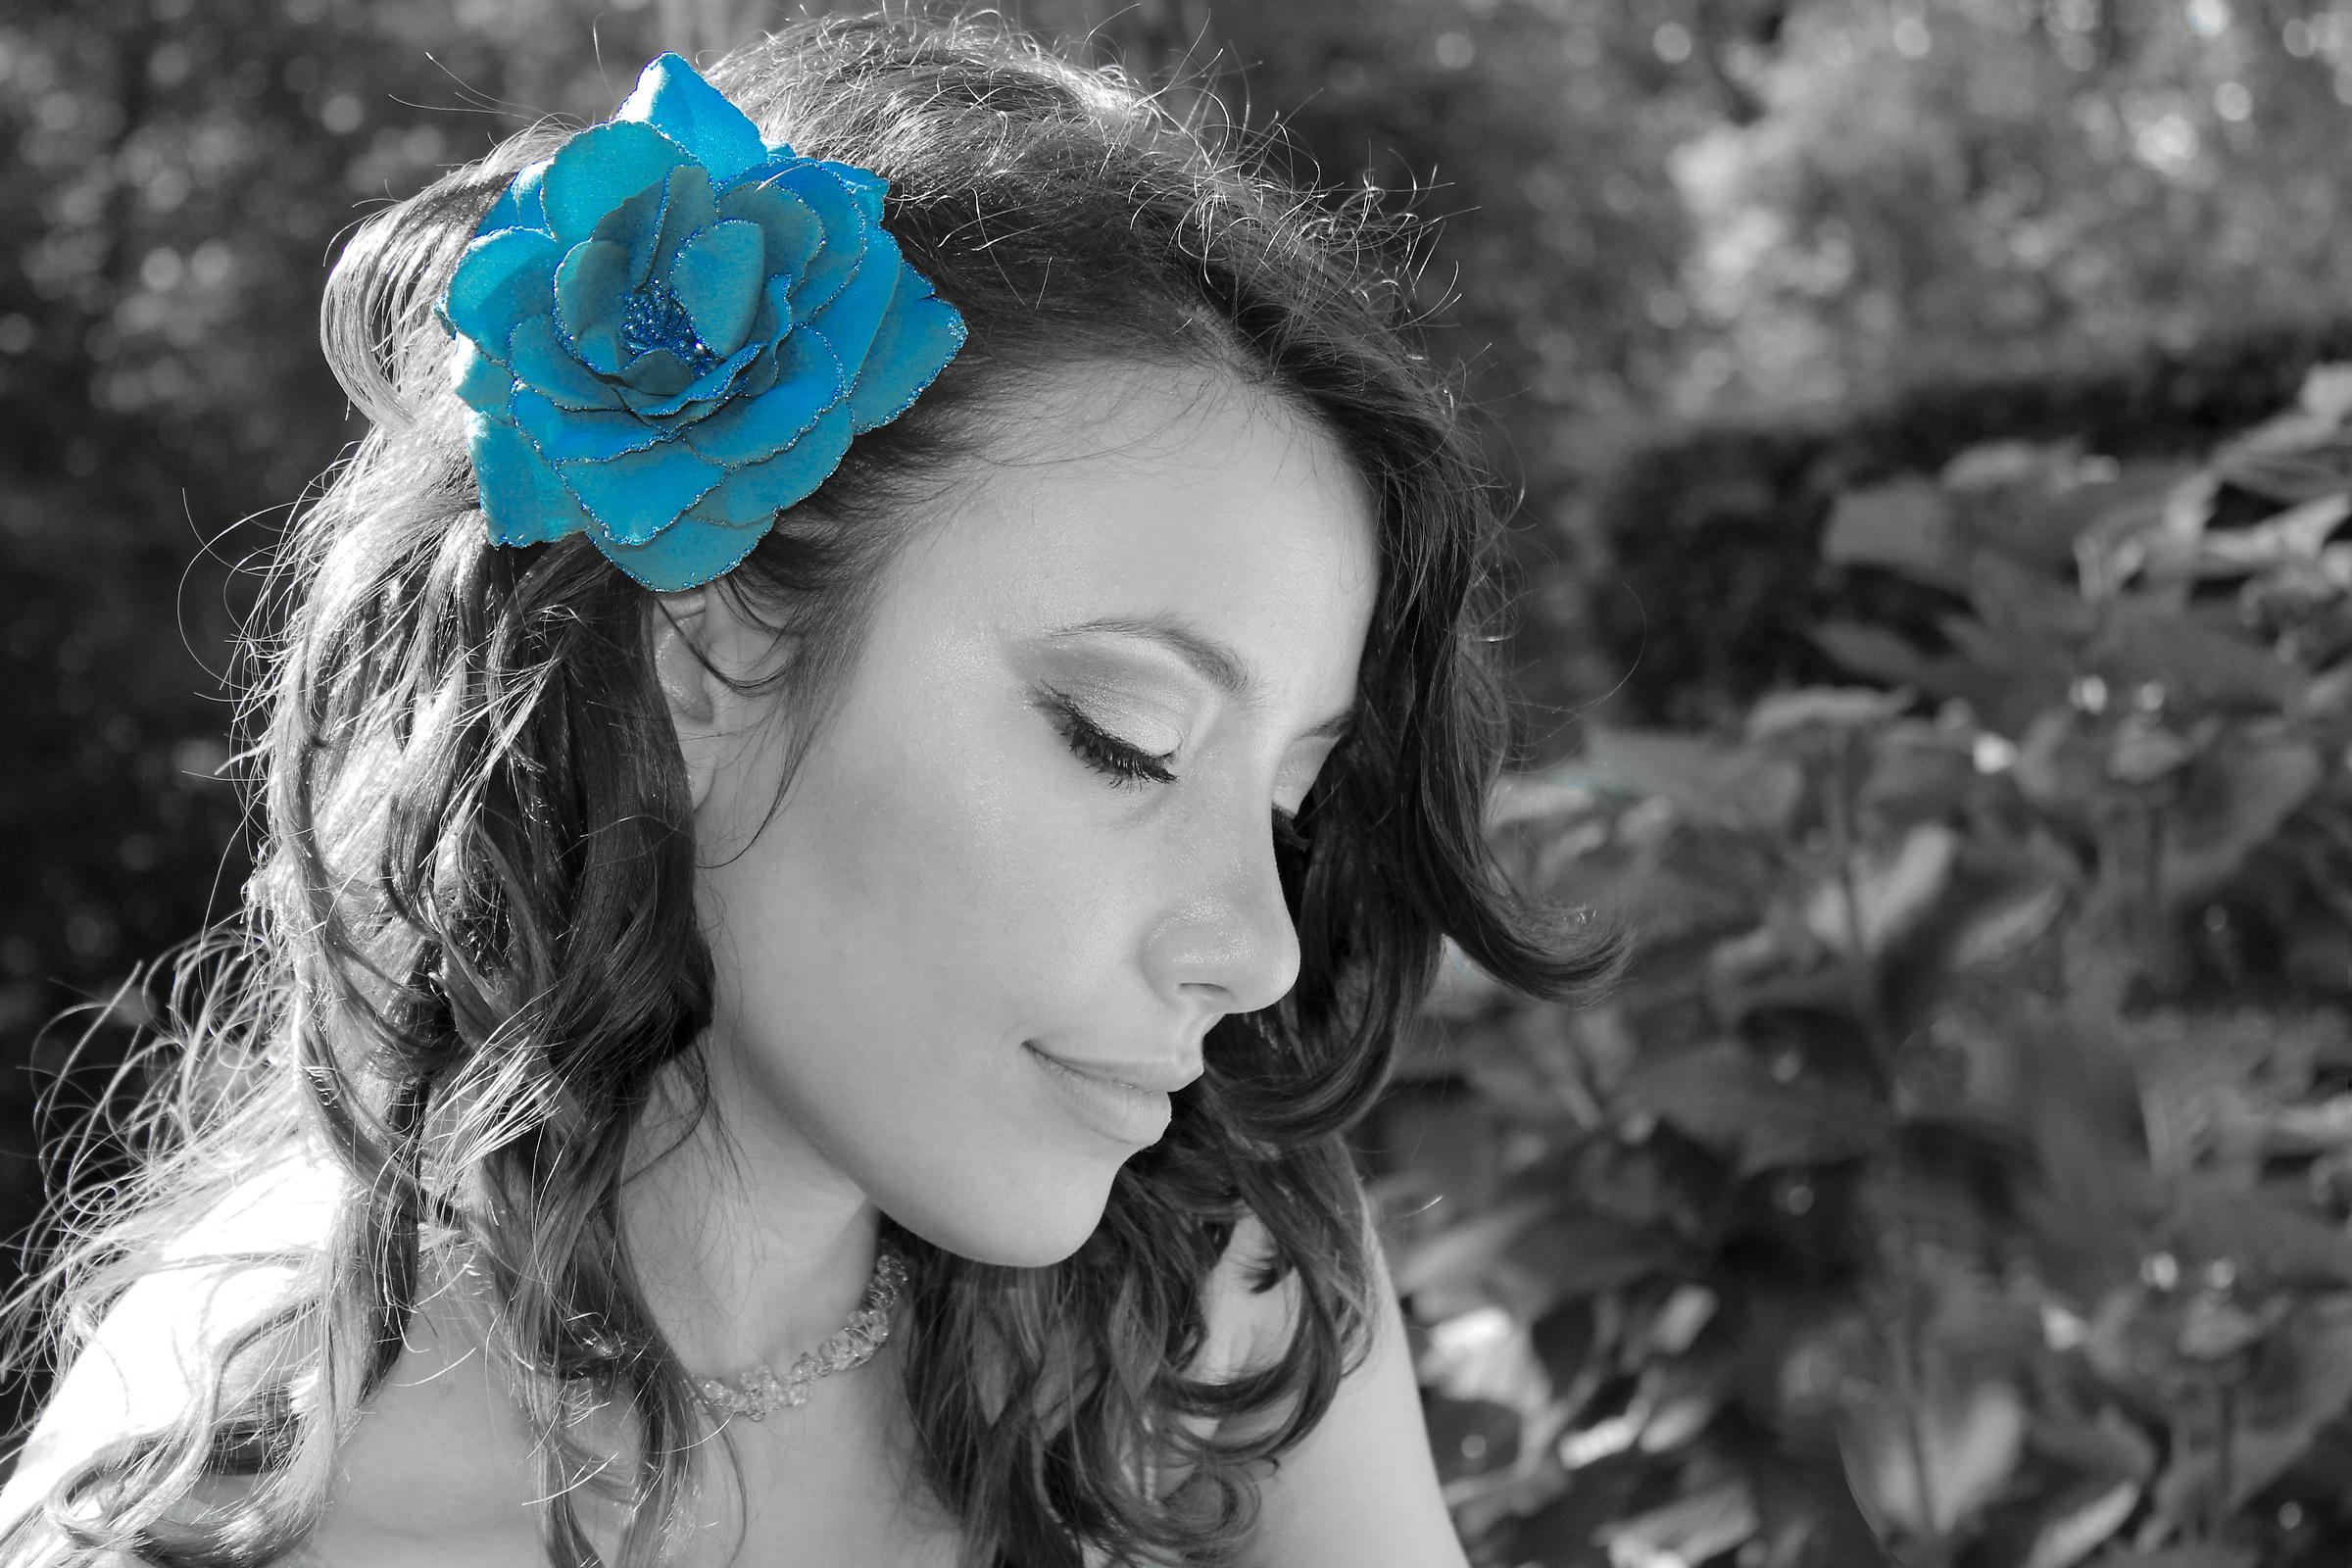 A blue rose...